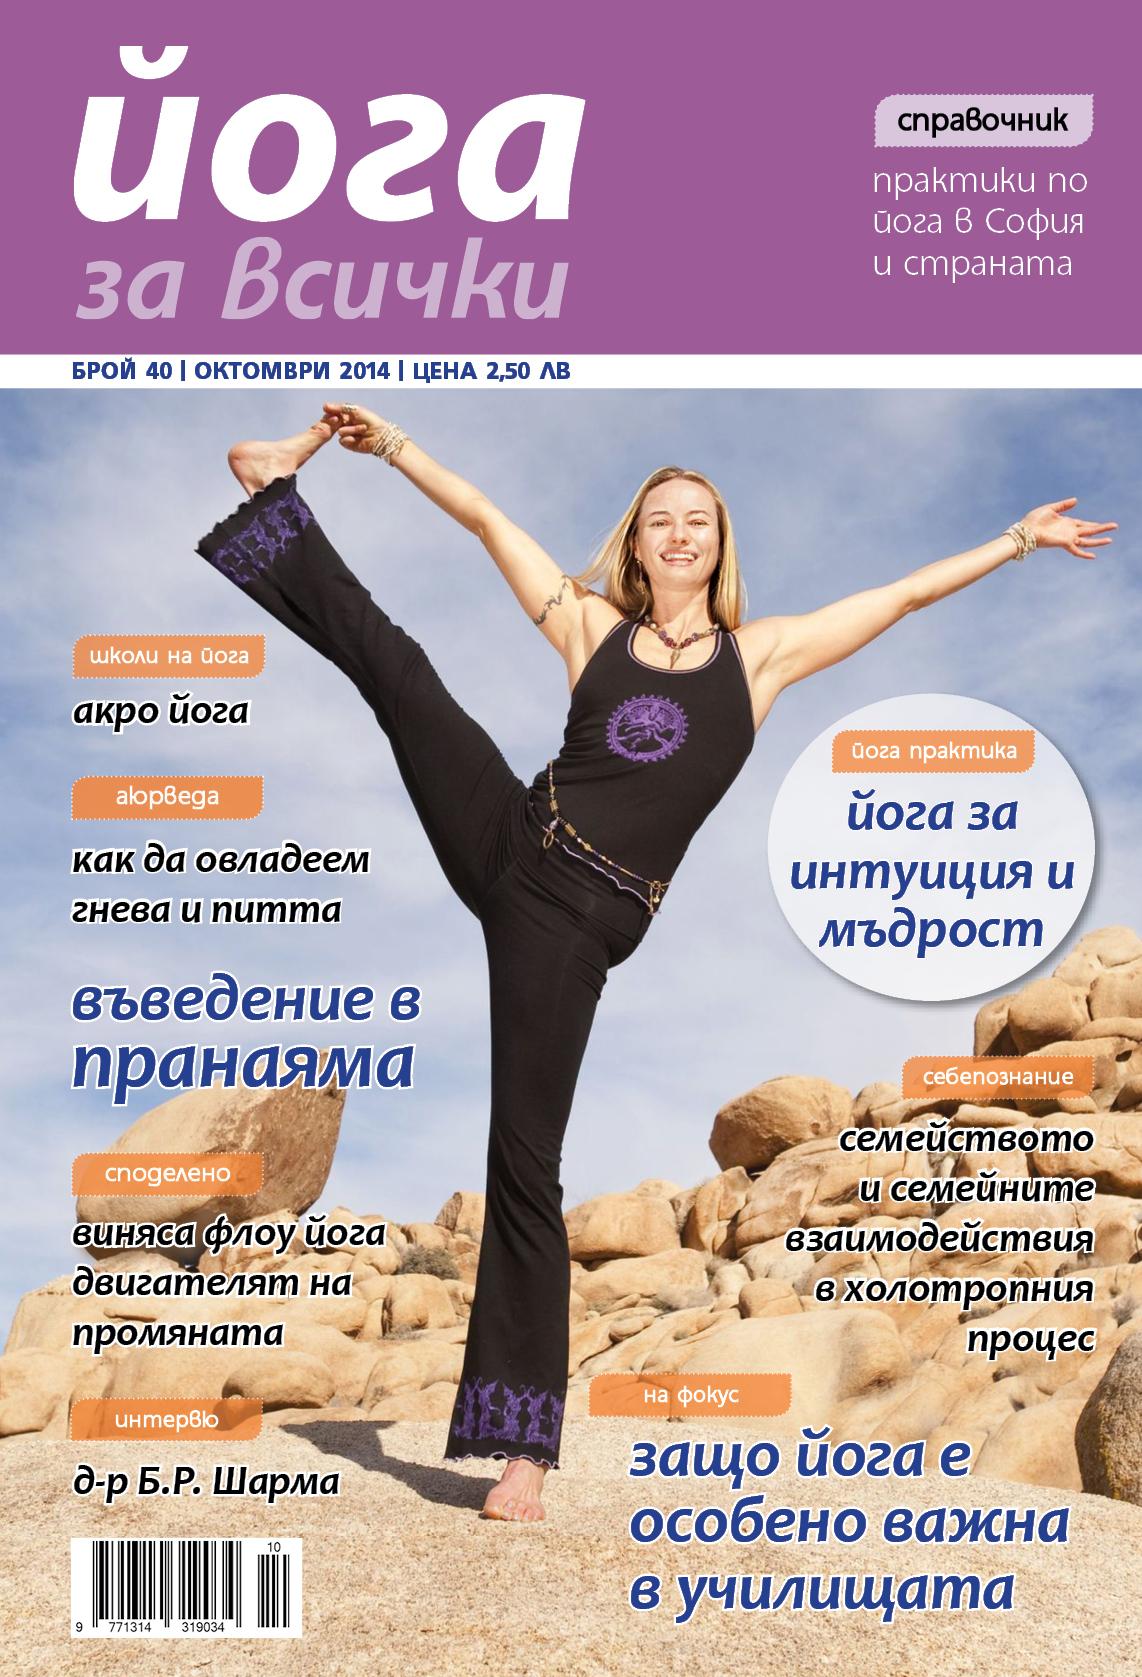 йога в училищата, акро йога, йога за интуиция